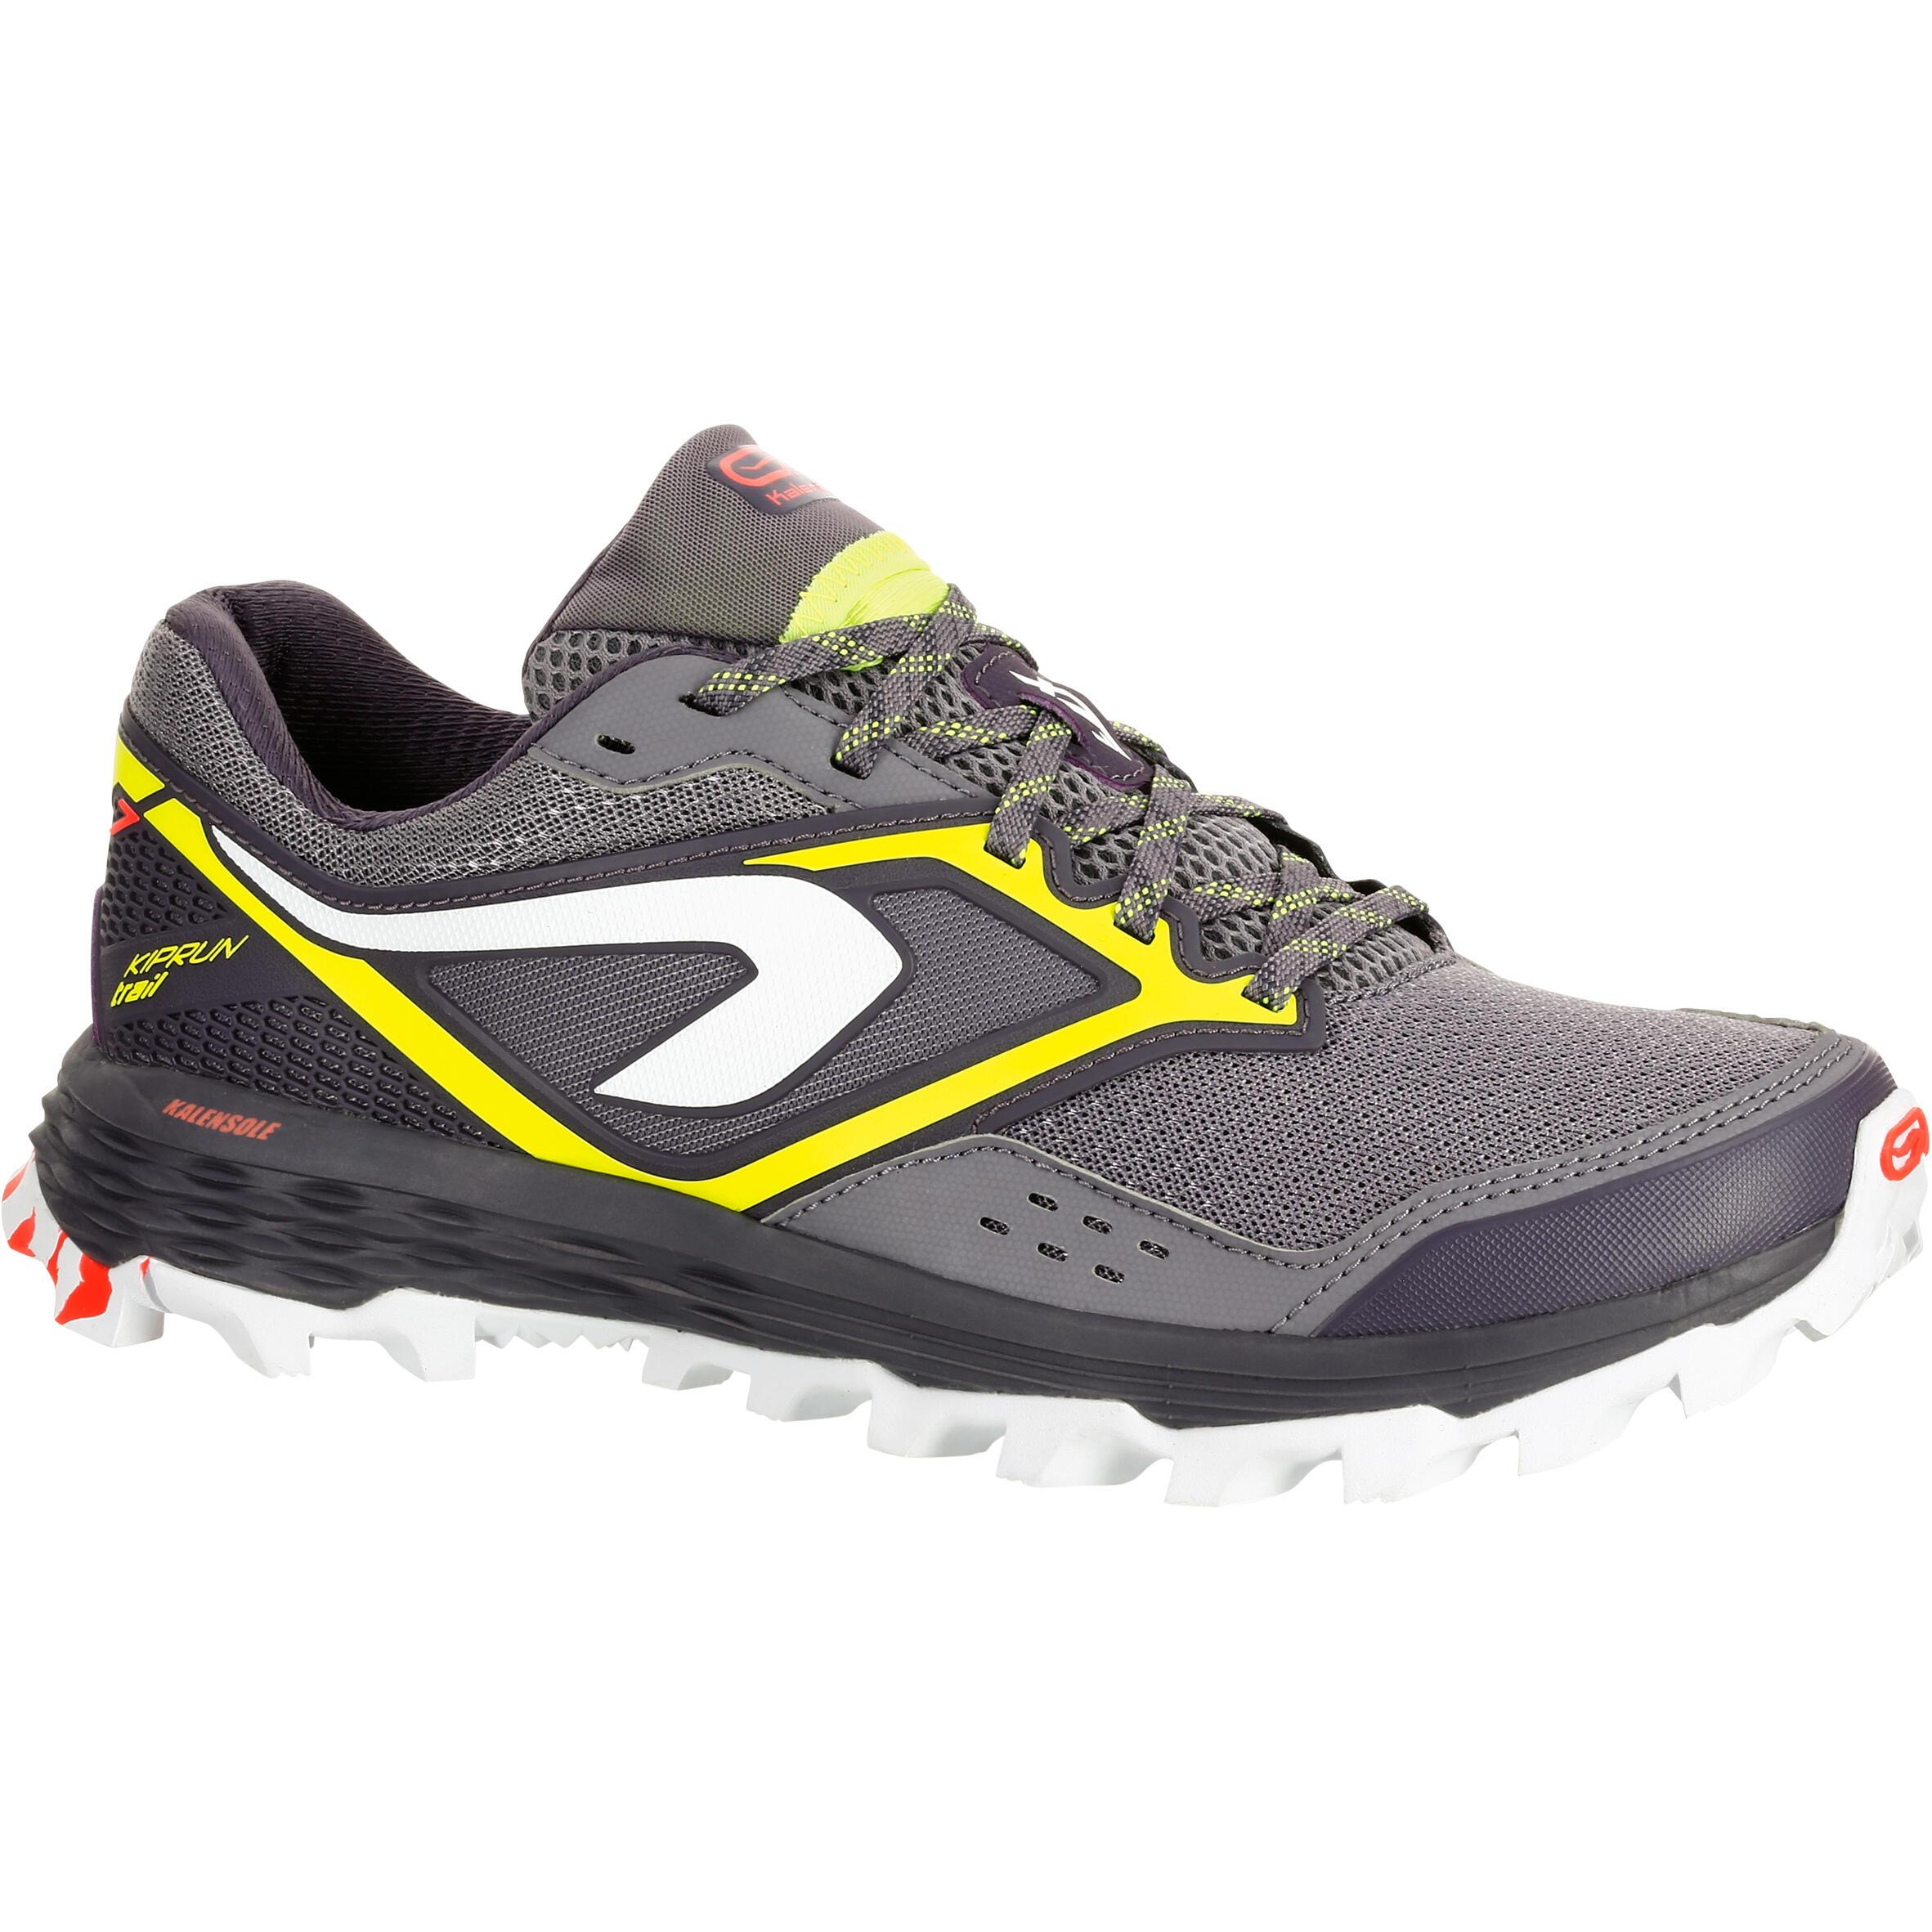 2501116 Kalenji Trailschoenen voor dames Kiprun Trail XT 7 grijs geel